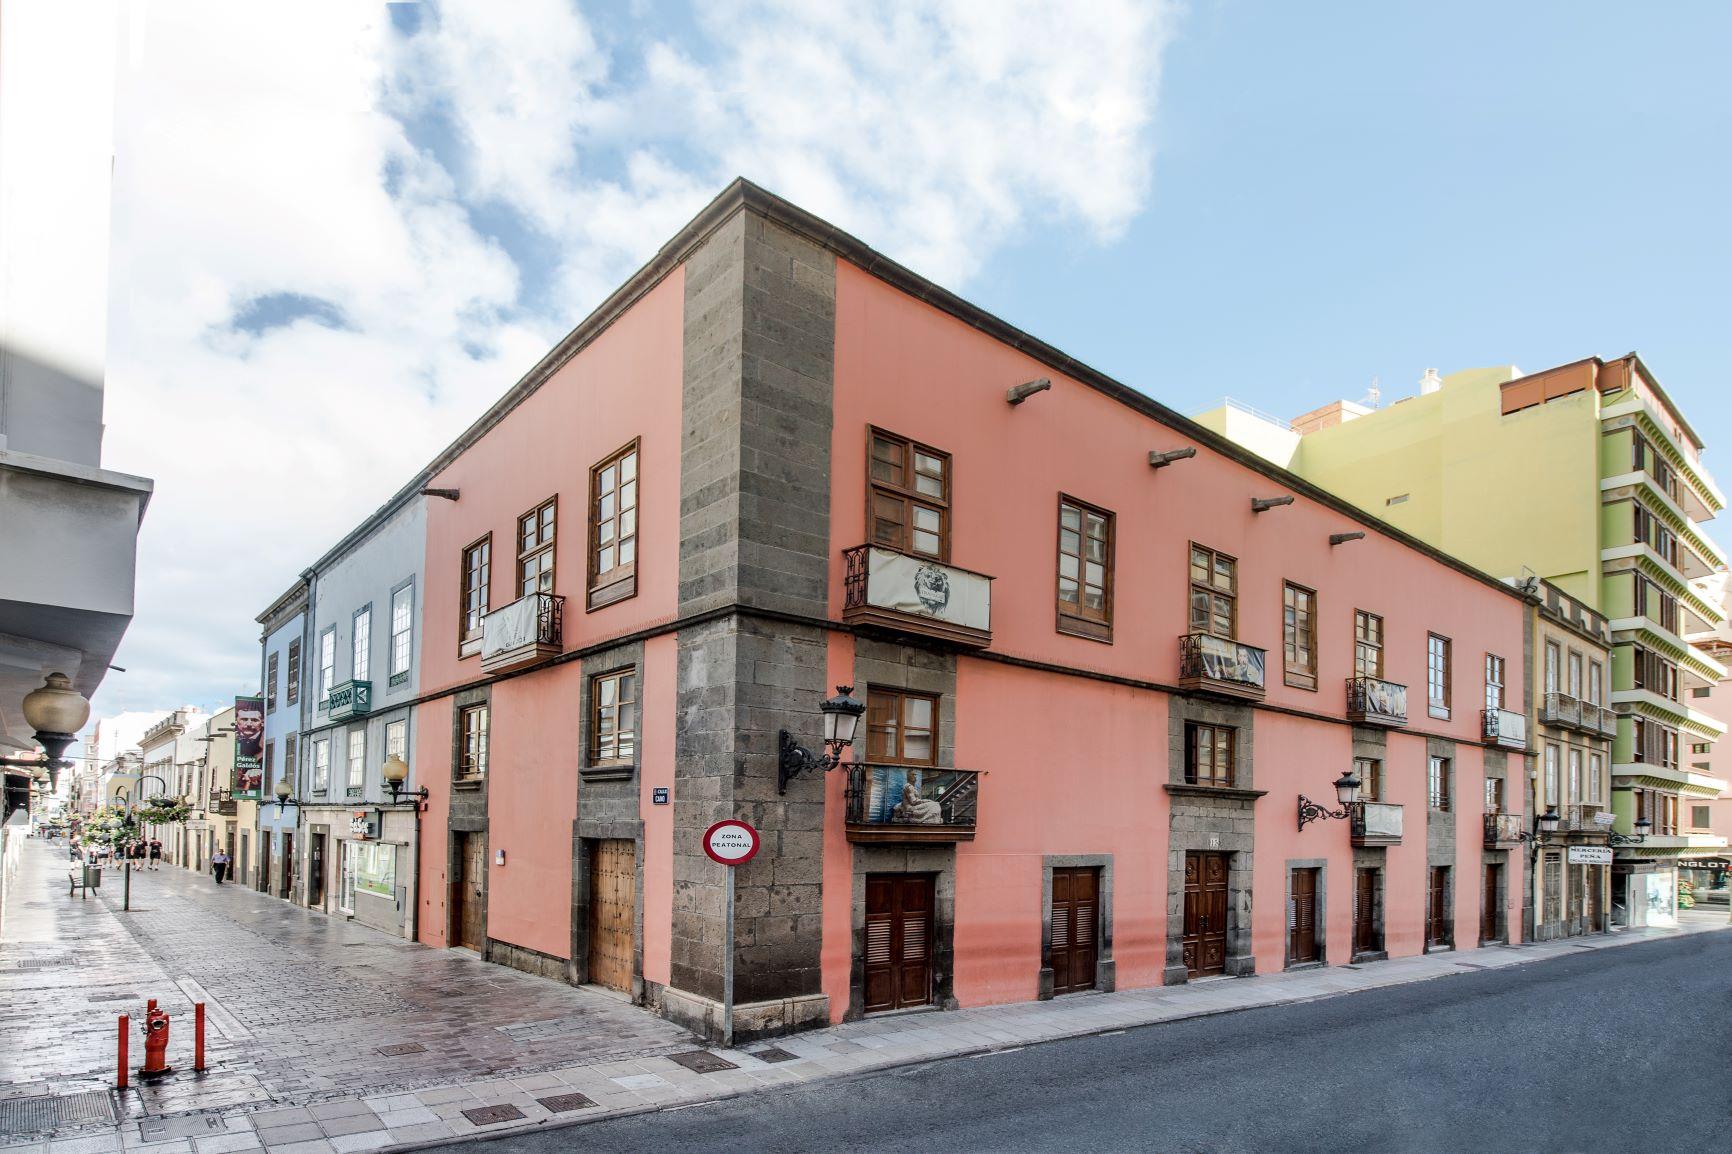 Los museos del Cabildo grancanario, listos para reabrir sus puertas el día 23 de junio